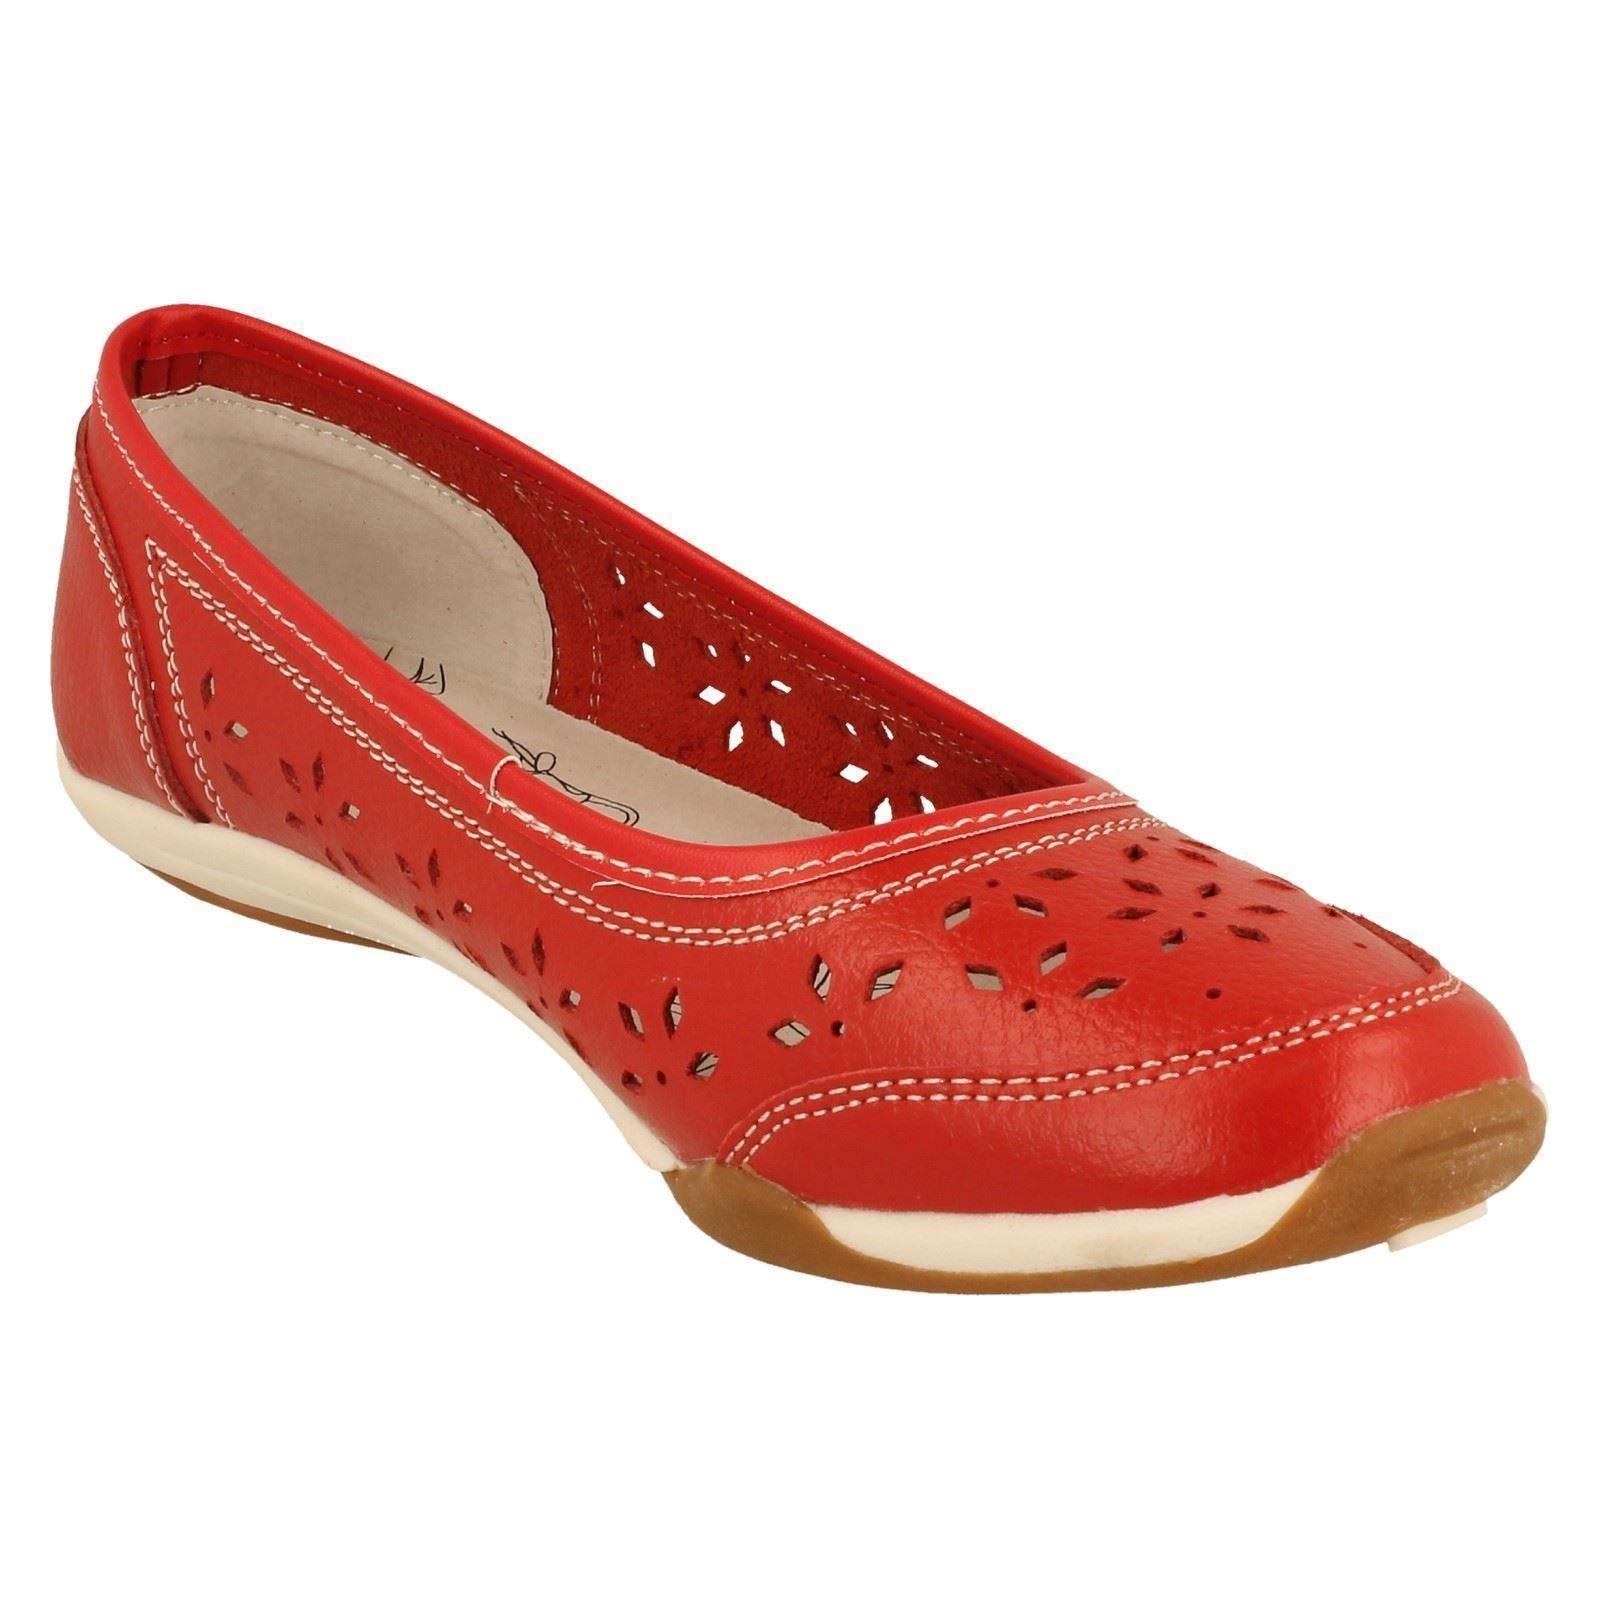 Earth Shoes Ballet Flats